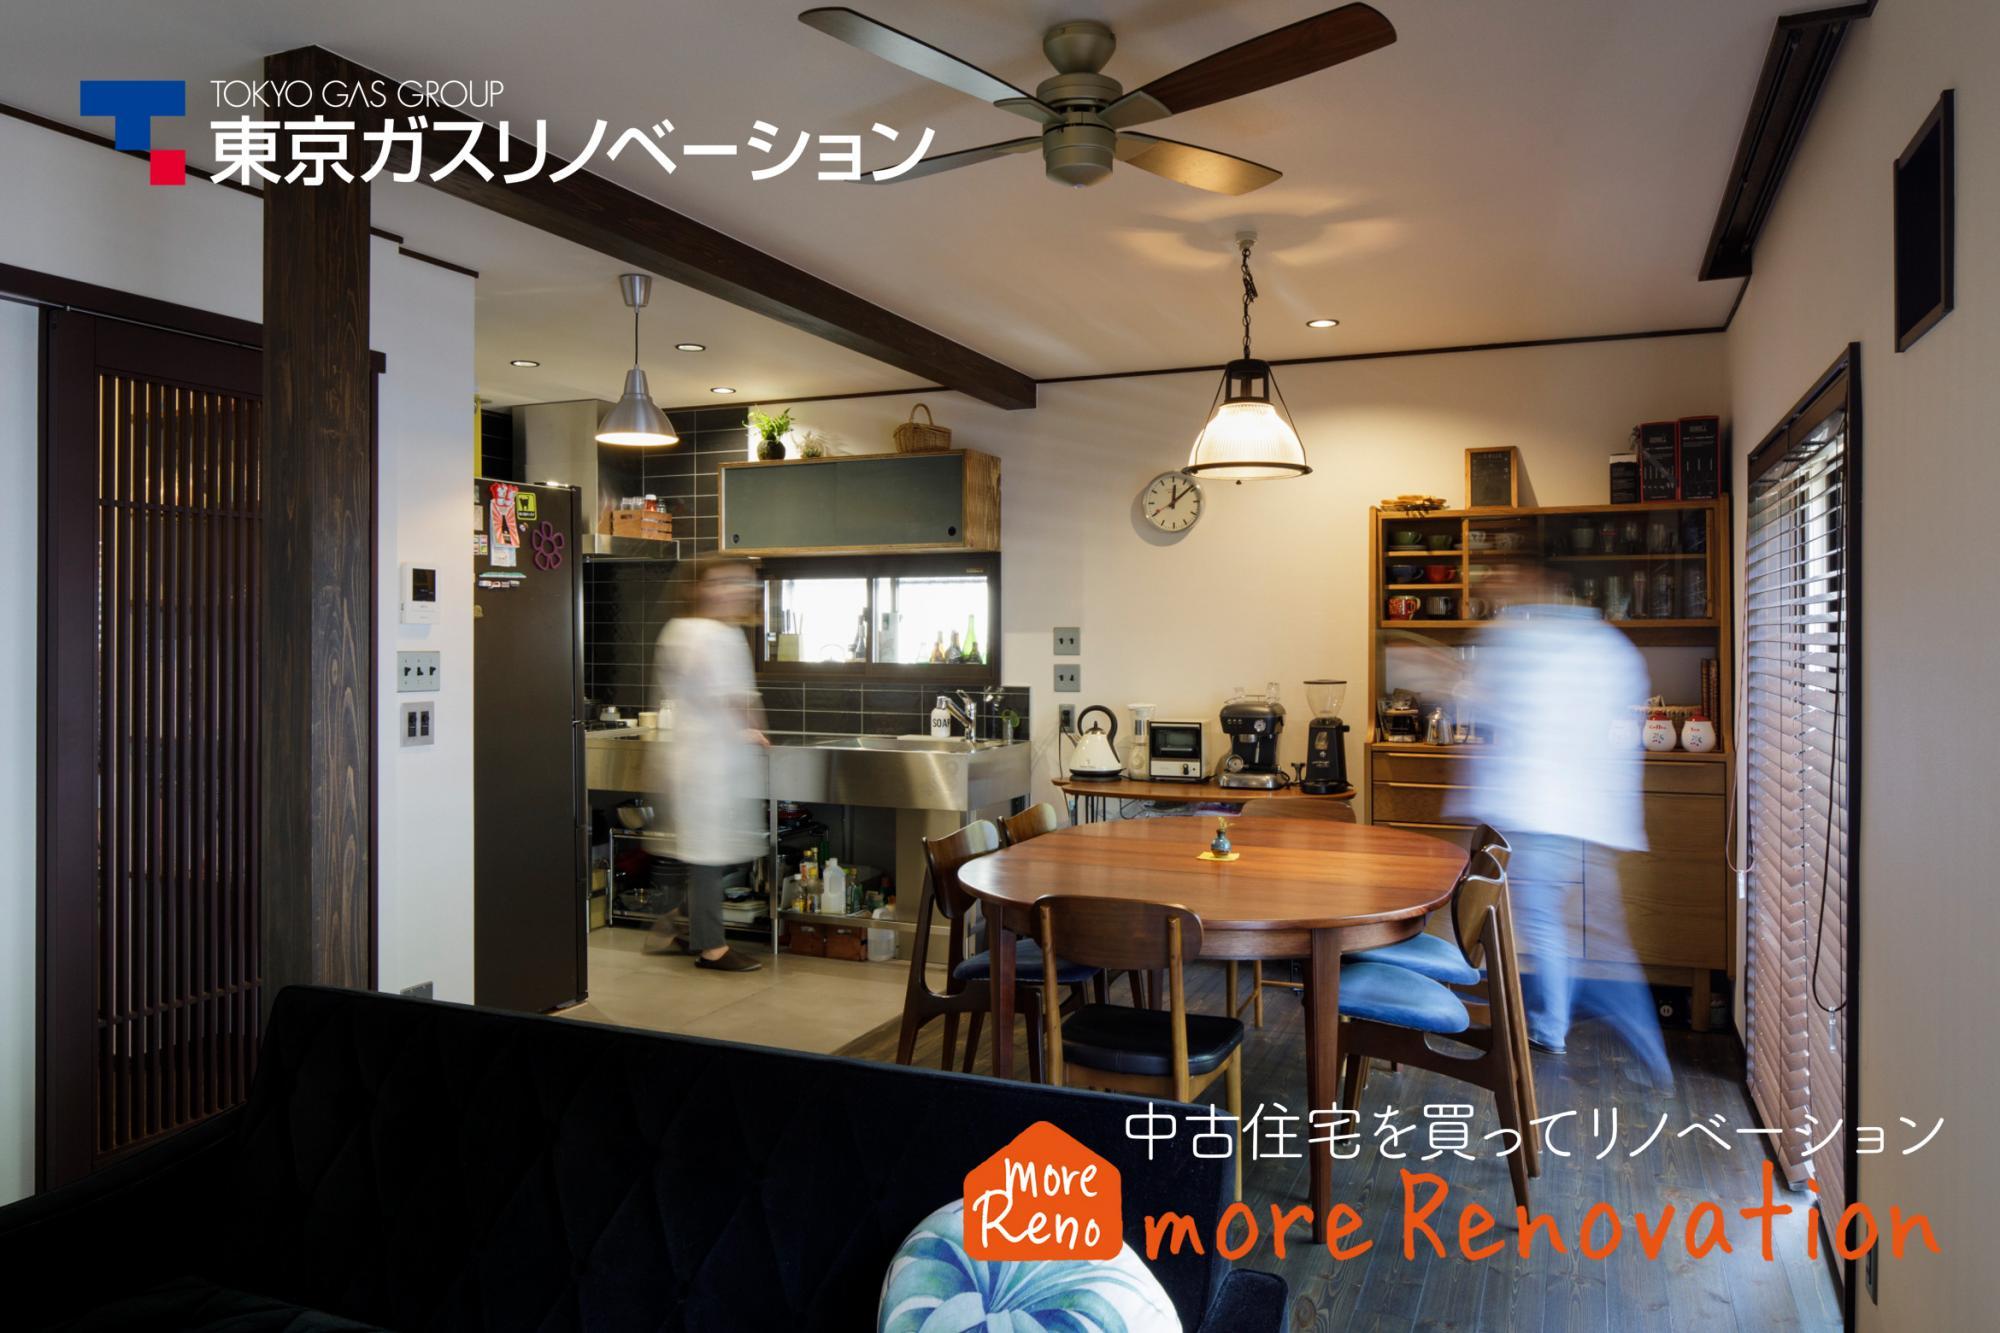 ※2020年7月1日、東京ガスリモデリング株式会社と東京ガスリビングエンジニアリング株式会社は合併し『東京ガスリノベーション株式会社』と社名変更いたしました。  東京ガスリノベーション(旧東京ガスリモデリング)が不動産仲介業を始める前、「リフォーム専門会社」だったころ、 「中古住宅を買ったのでリノベーションの見積をお願いしたい」 というお問合せを多数いただいておりました。  ですが、いざ現地に行ってみると 「お客さまが想定されていた金額では工事が難しい」 場合によっては 「構造的にお客さまのご希望の工事内容ができない」 というケースもありました。 その度に思いました。 「物件を買う前に相談して頂ければこんなことには…」   「お客さまの大切な住まいさがしのお役にたちたい」 「住まい選びに失敗をしてほしくない」  そんな想いで、東京ガスリノベーションは不動産仲介業を始めました。  物件探しの段階から、経験豊富な不動産仲介担当者と、リフォーム・リノベーション担当者とで、お客さまと一緒に物件探しからお手伝いします。  ぜひお役立てください。